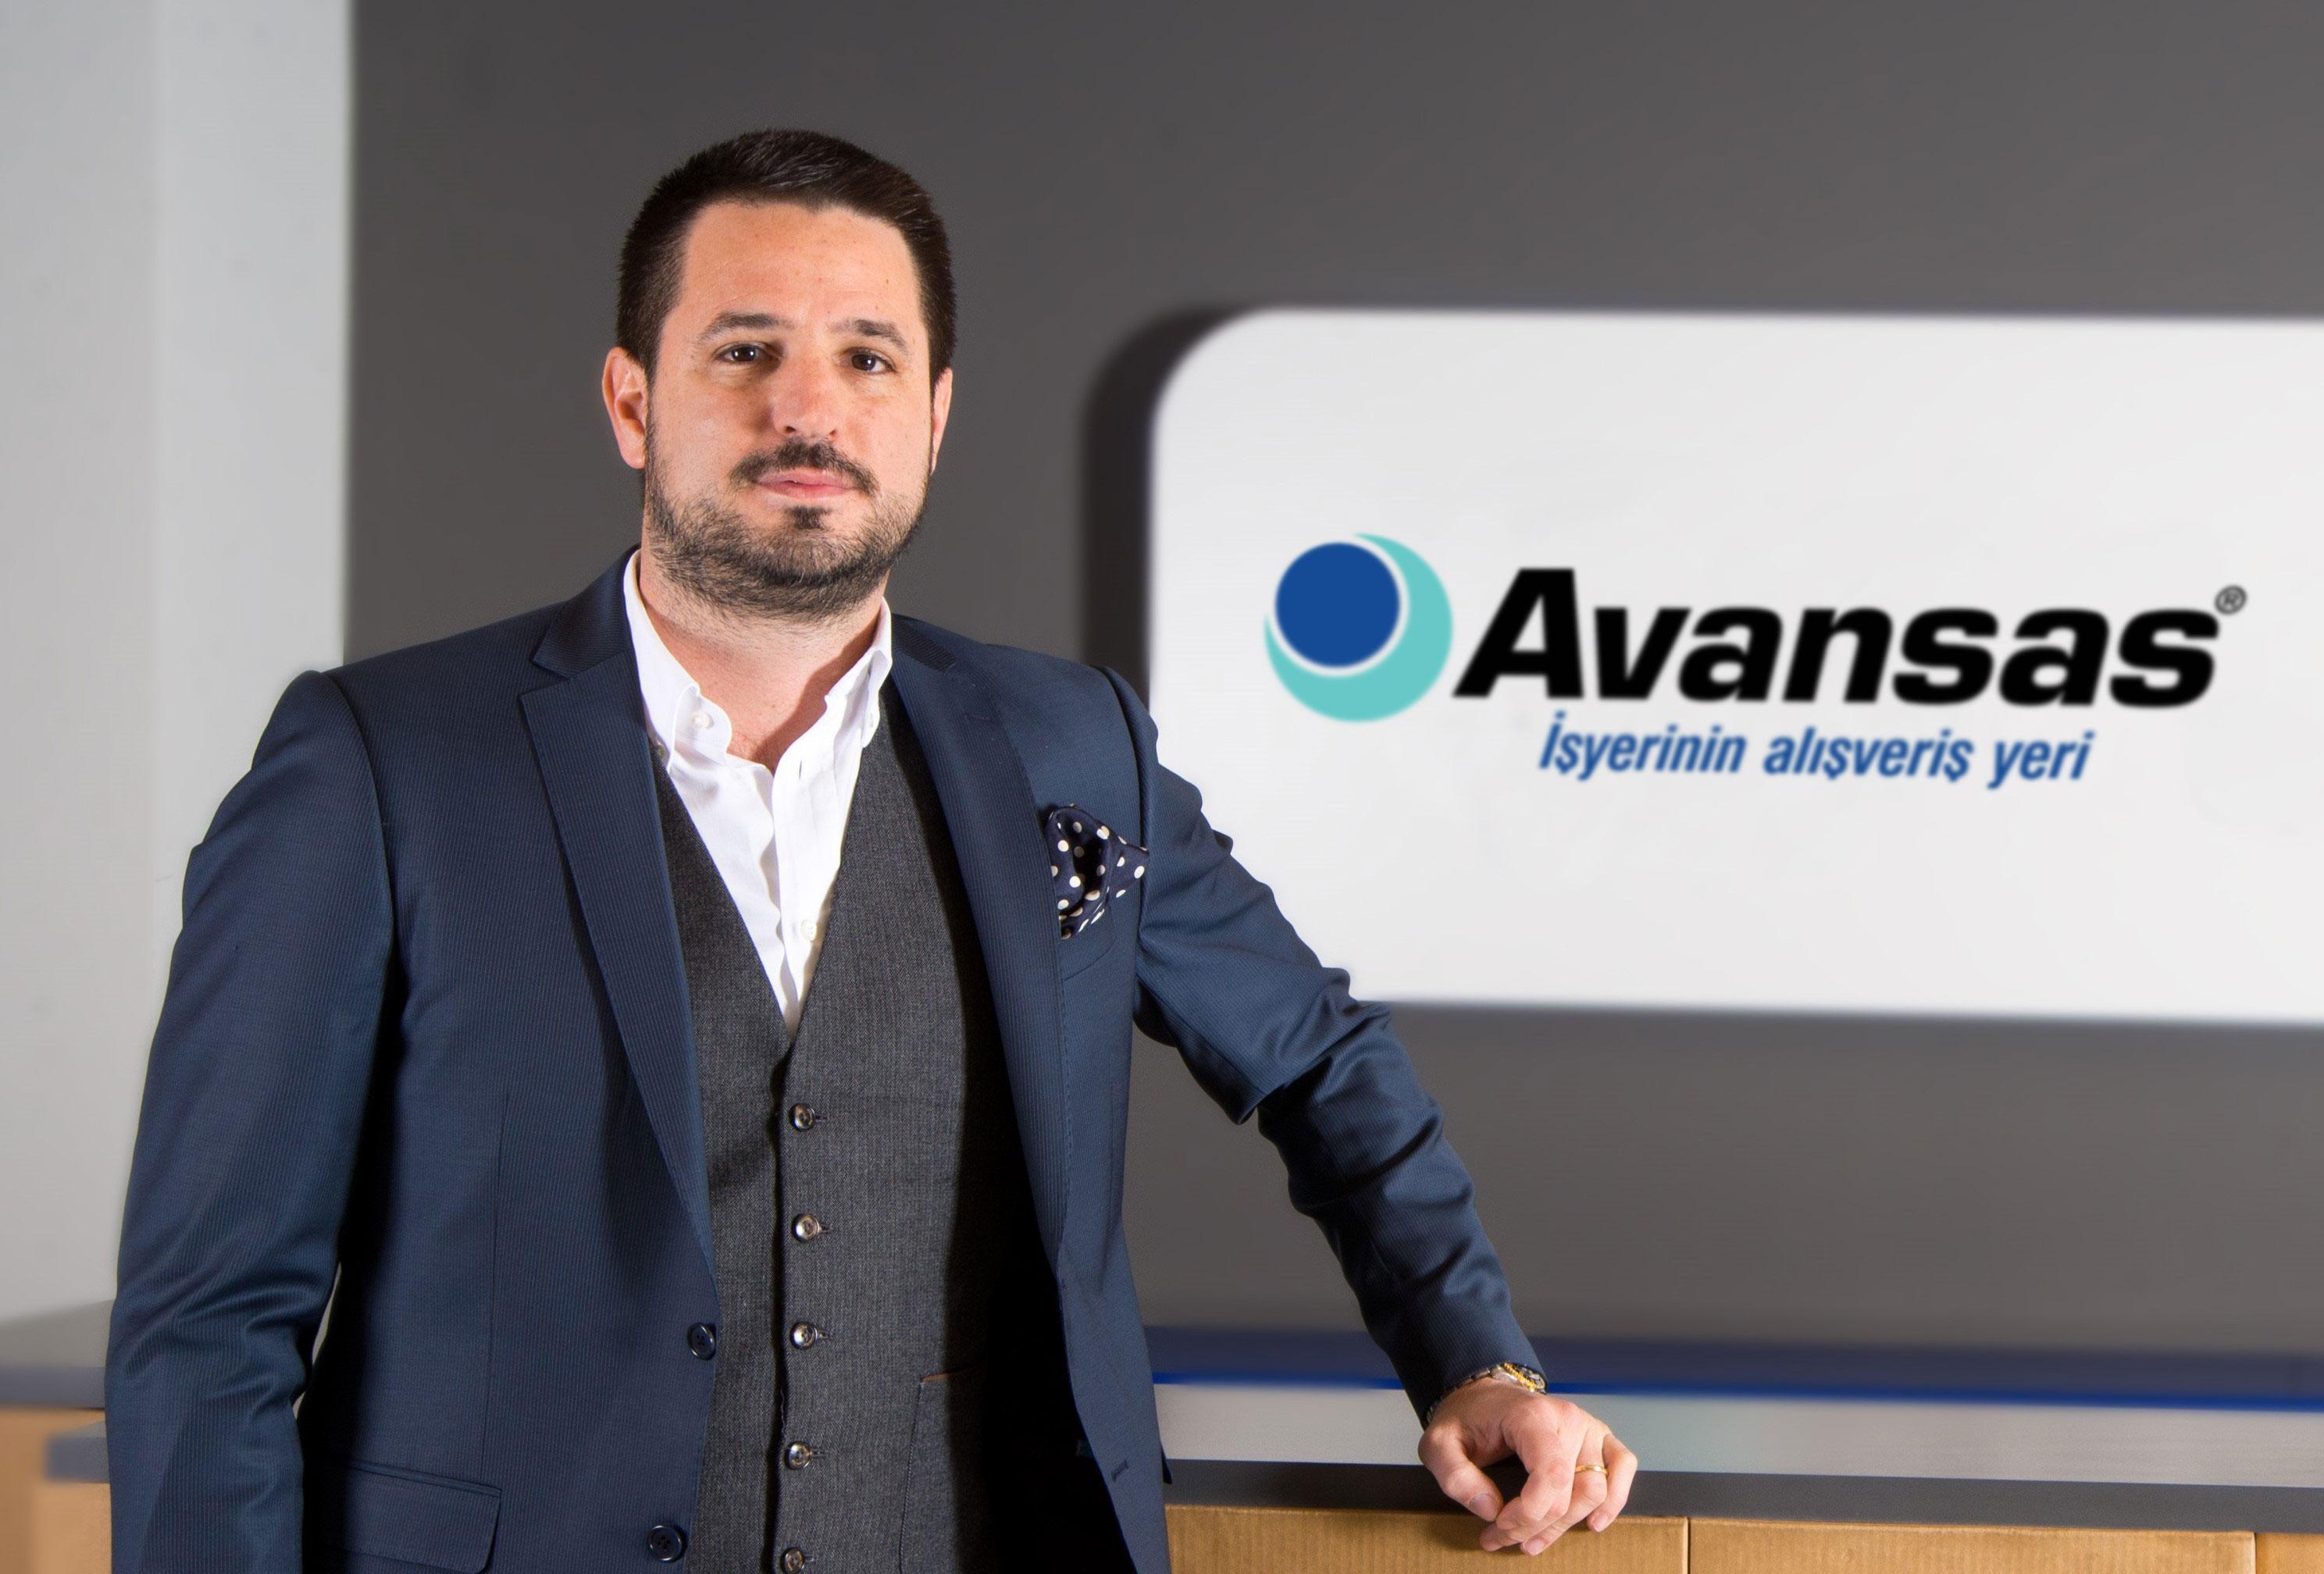 """Avansas """"yalnızca işyerinin değil, artık evinizin de alışveriş yeri"""" oluyor"""